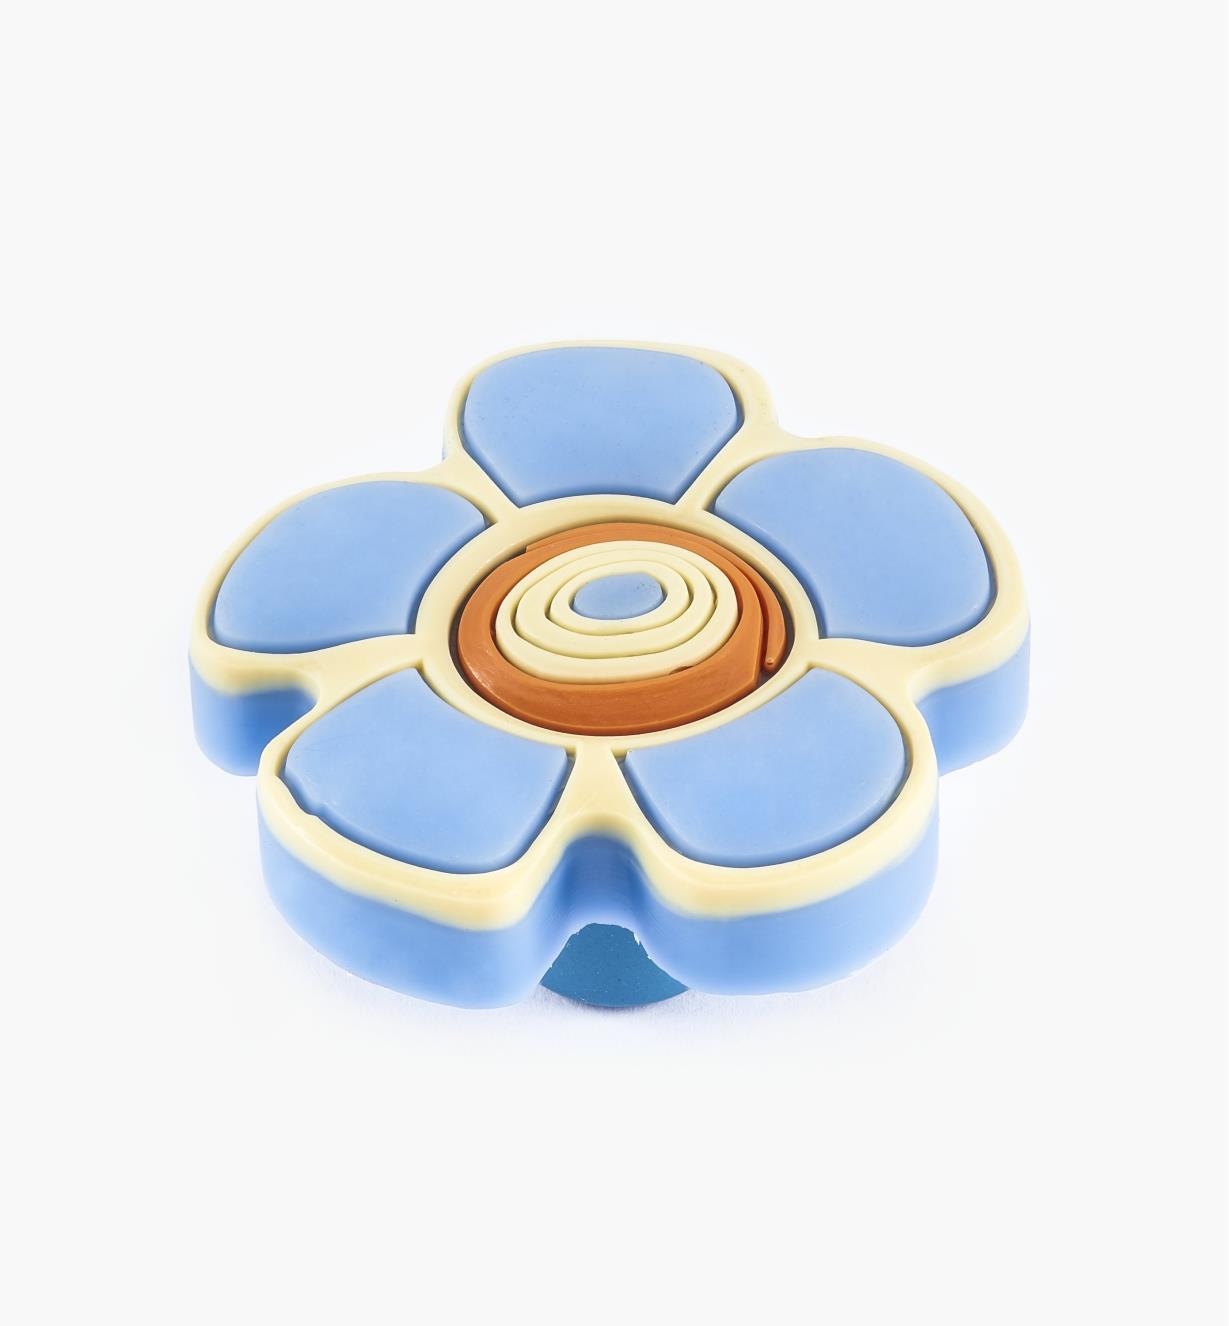 00W5615 - Blue Flower Knob